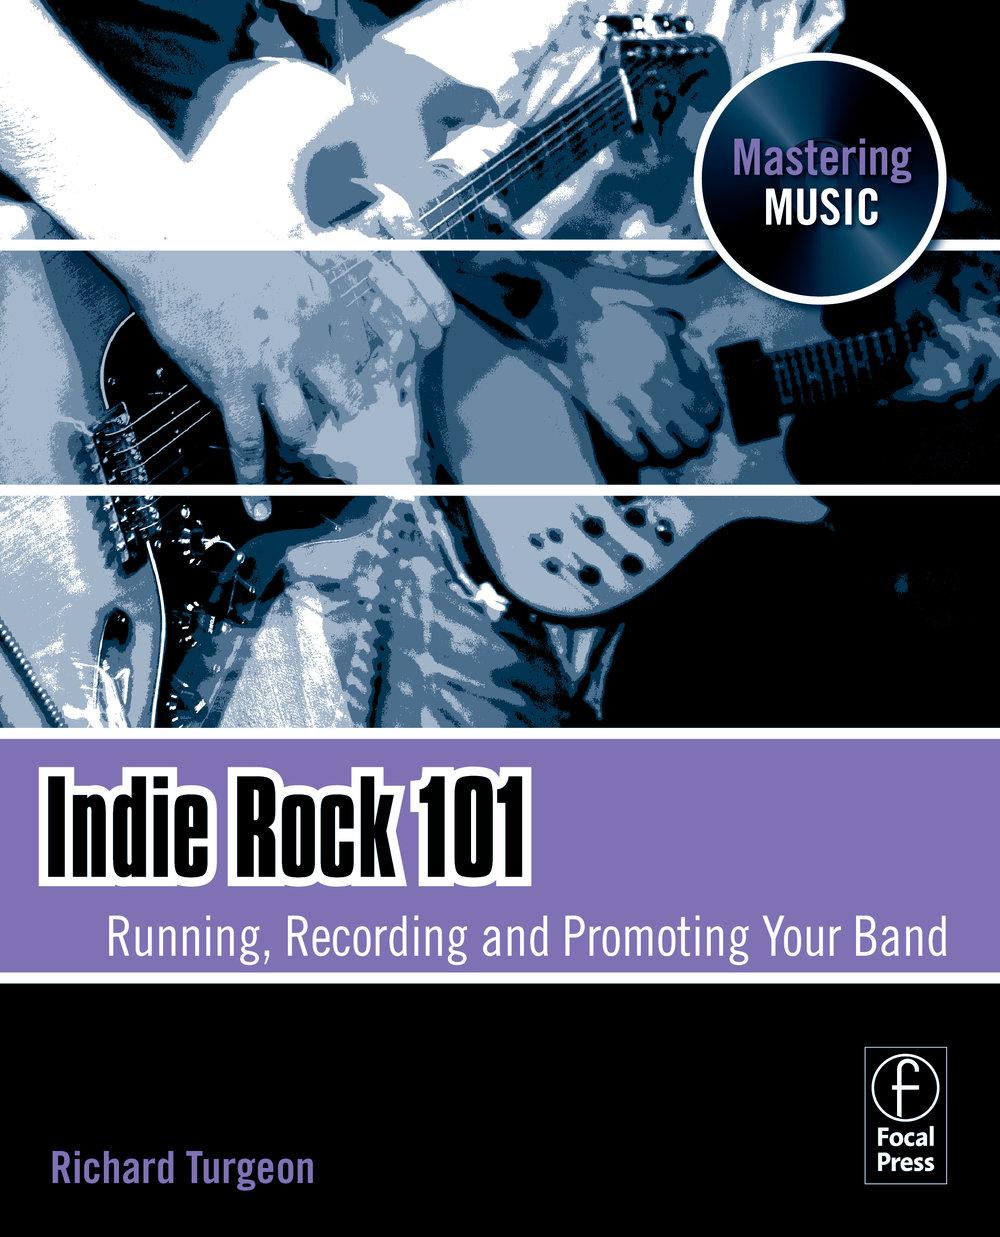 IR101_front_cover_hi.jpg